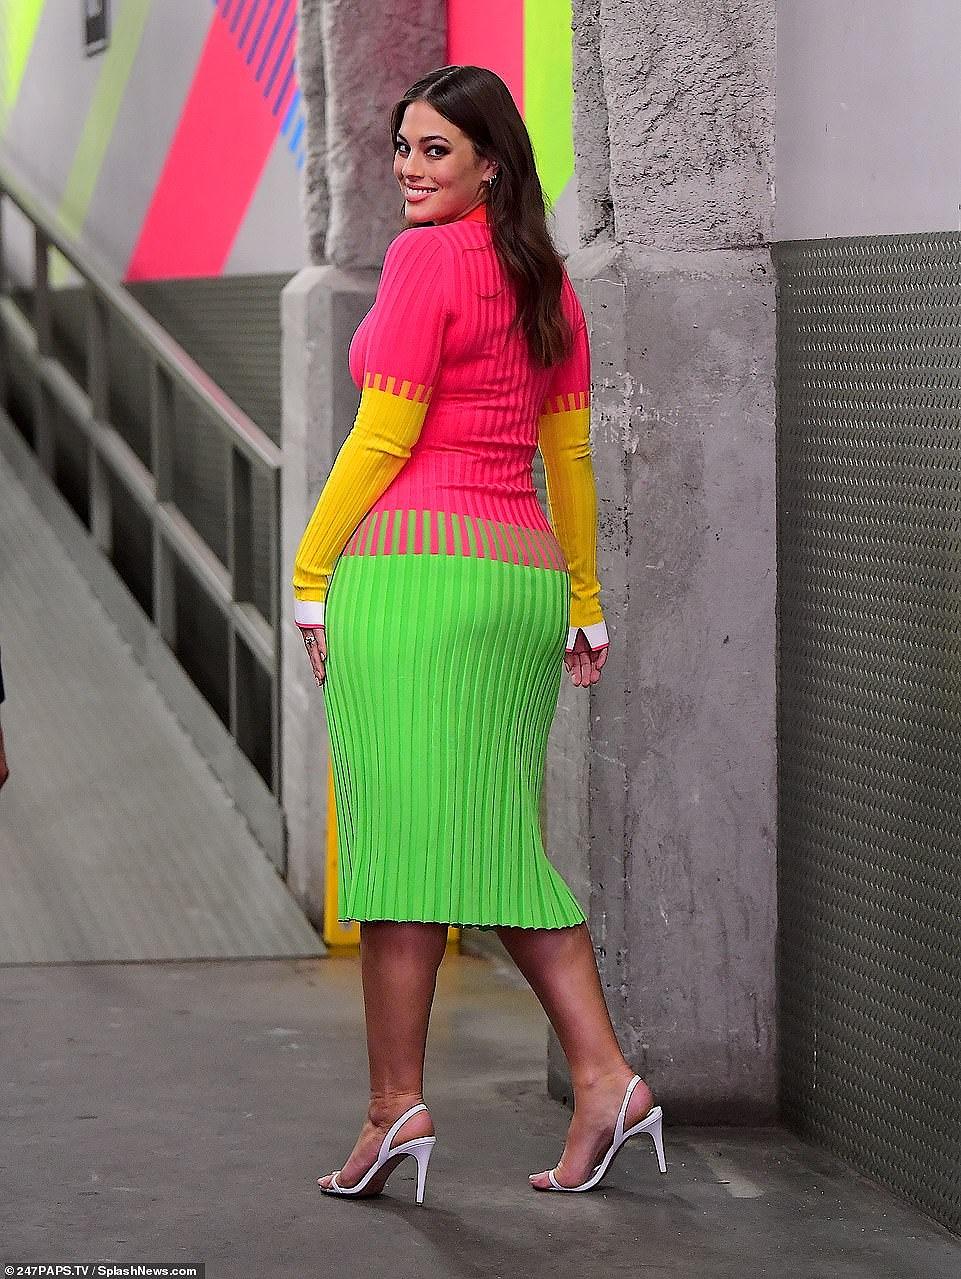 'Siêu mẫu béo' Ashley Graham đẫy đà với đầm nhiều màu rực rỡ Ảnh 4